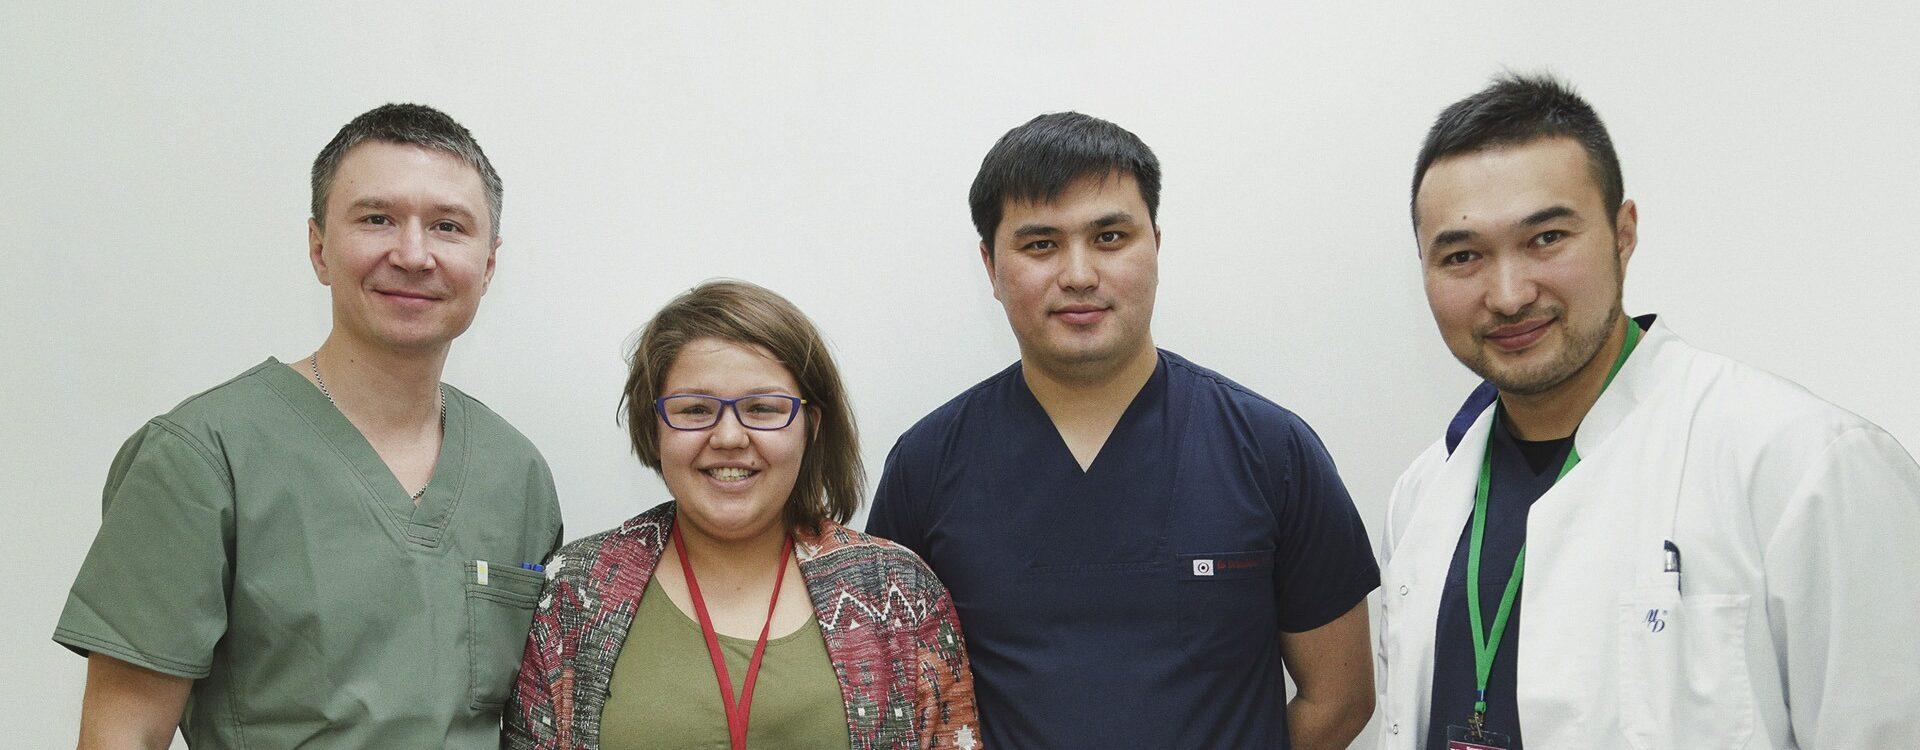 The Kazakh The Kazakh Plastic Surgeons Educational Forum — Vitaly ZholtikovPlastic Surgeons Educational Forum — Vitaly Zholtikov